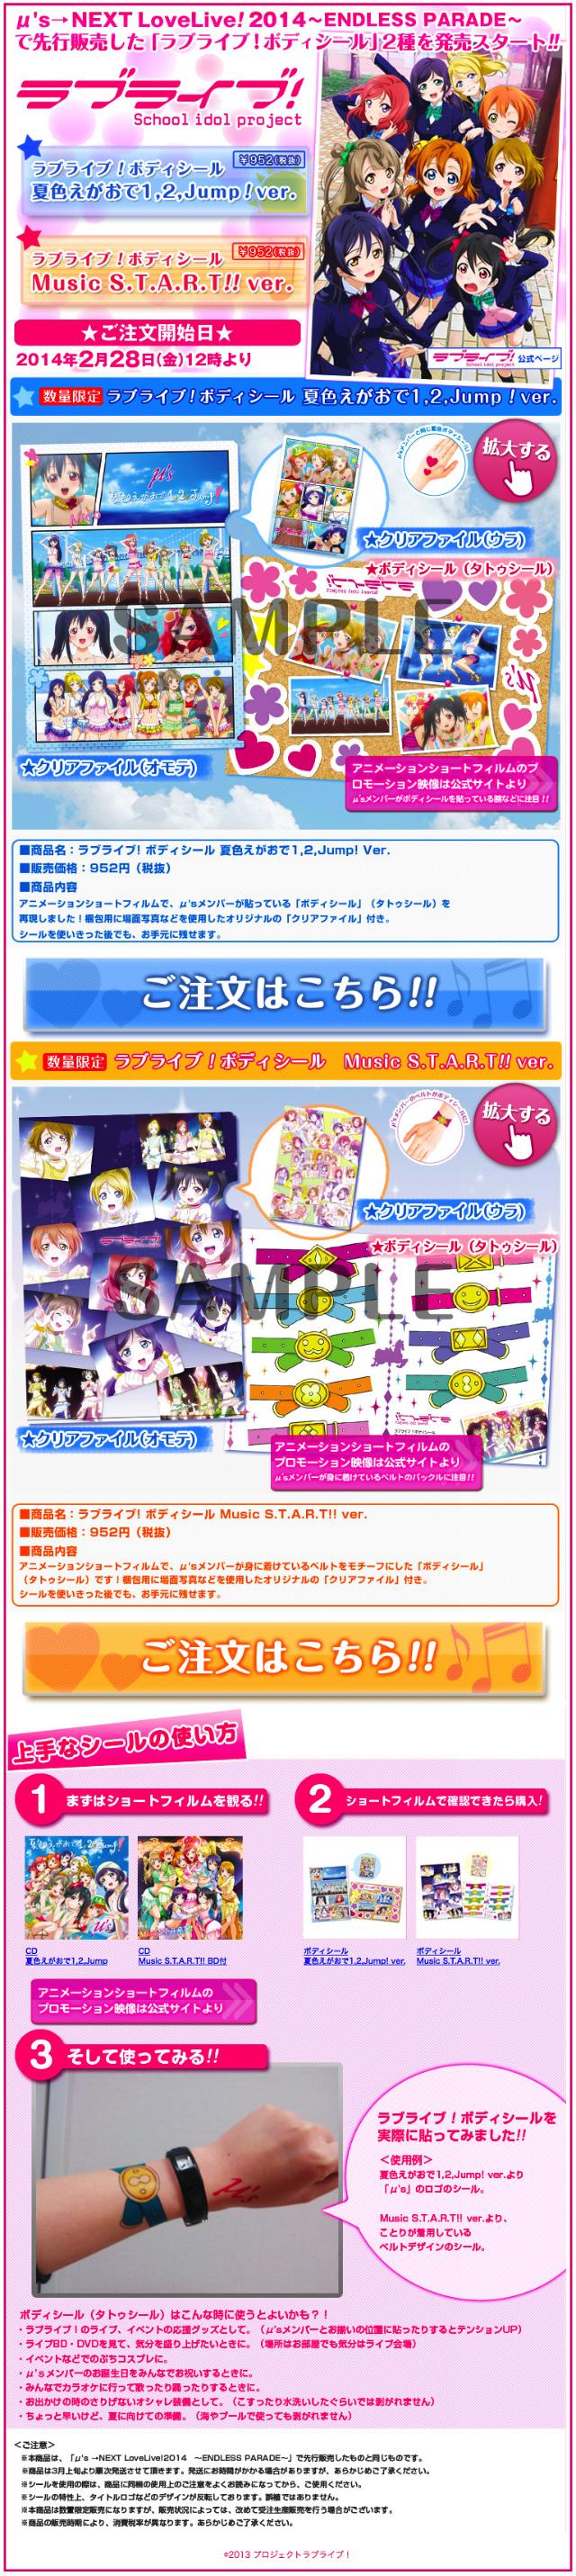 「ラブライブ!ボディシール」2種を発売スタート!! BANDAI VISUAL CLUB